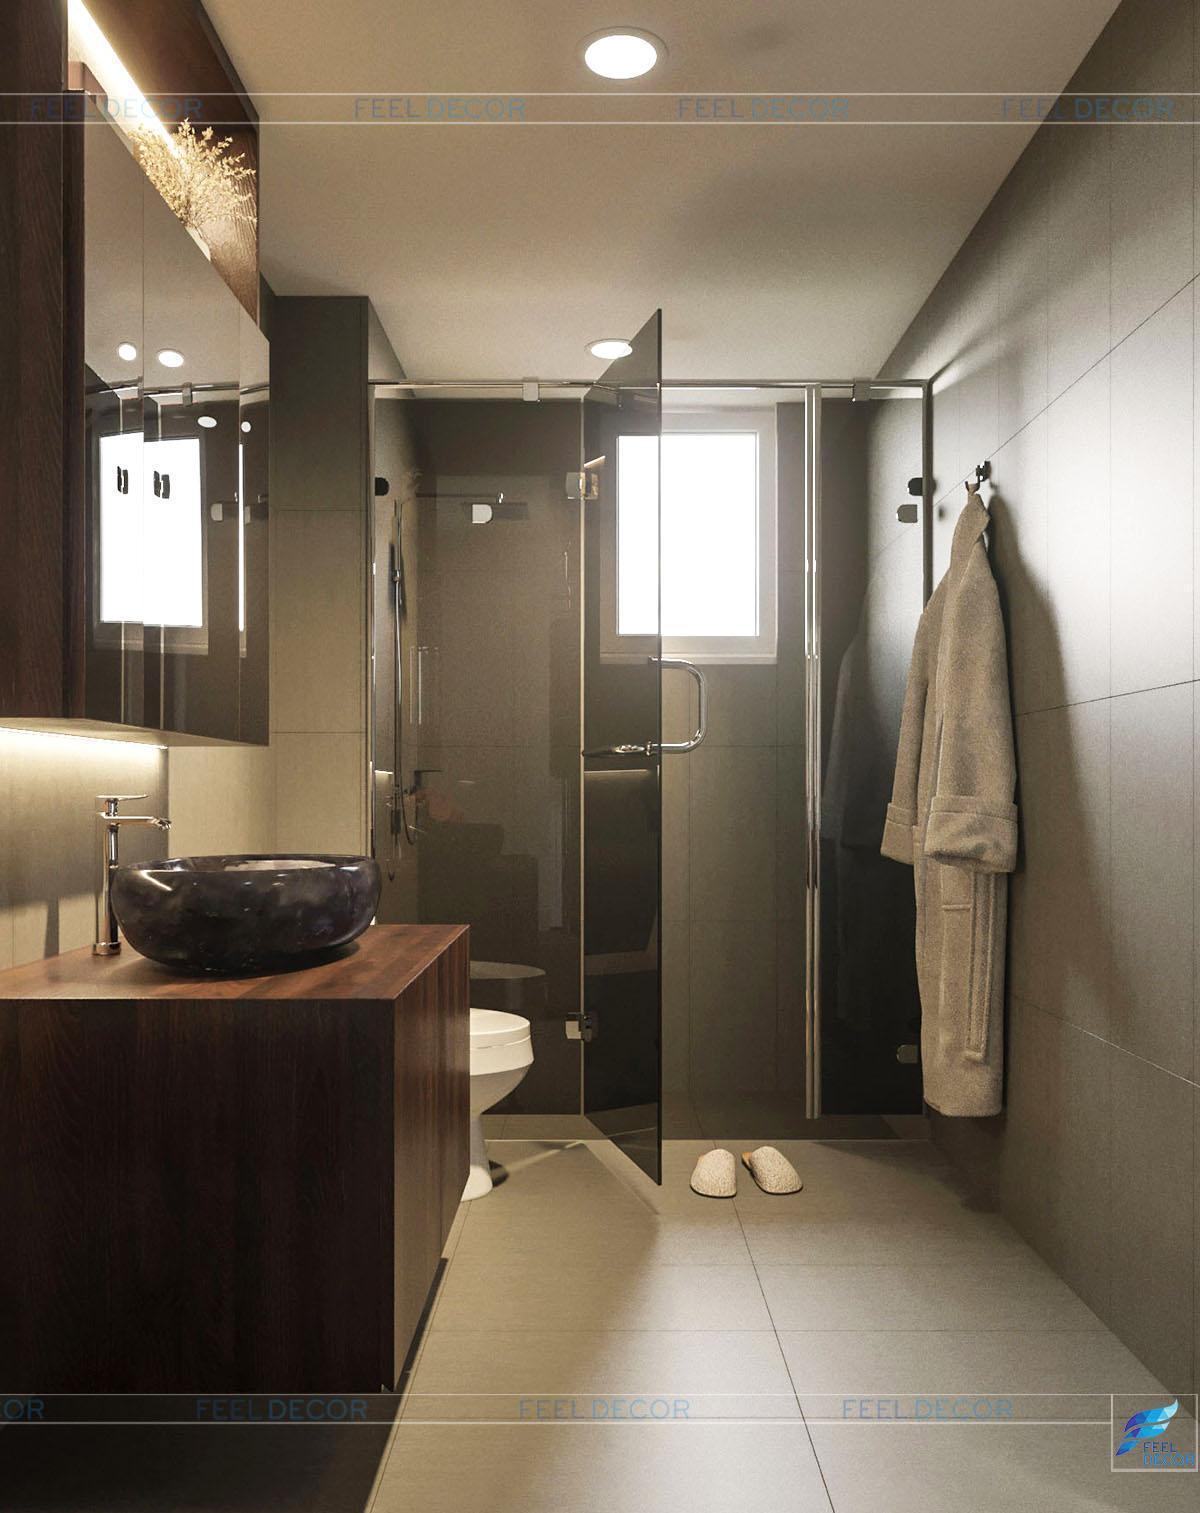 phòng vệ sinh tiện nghi, hiện đại